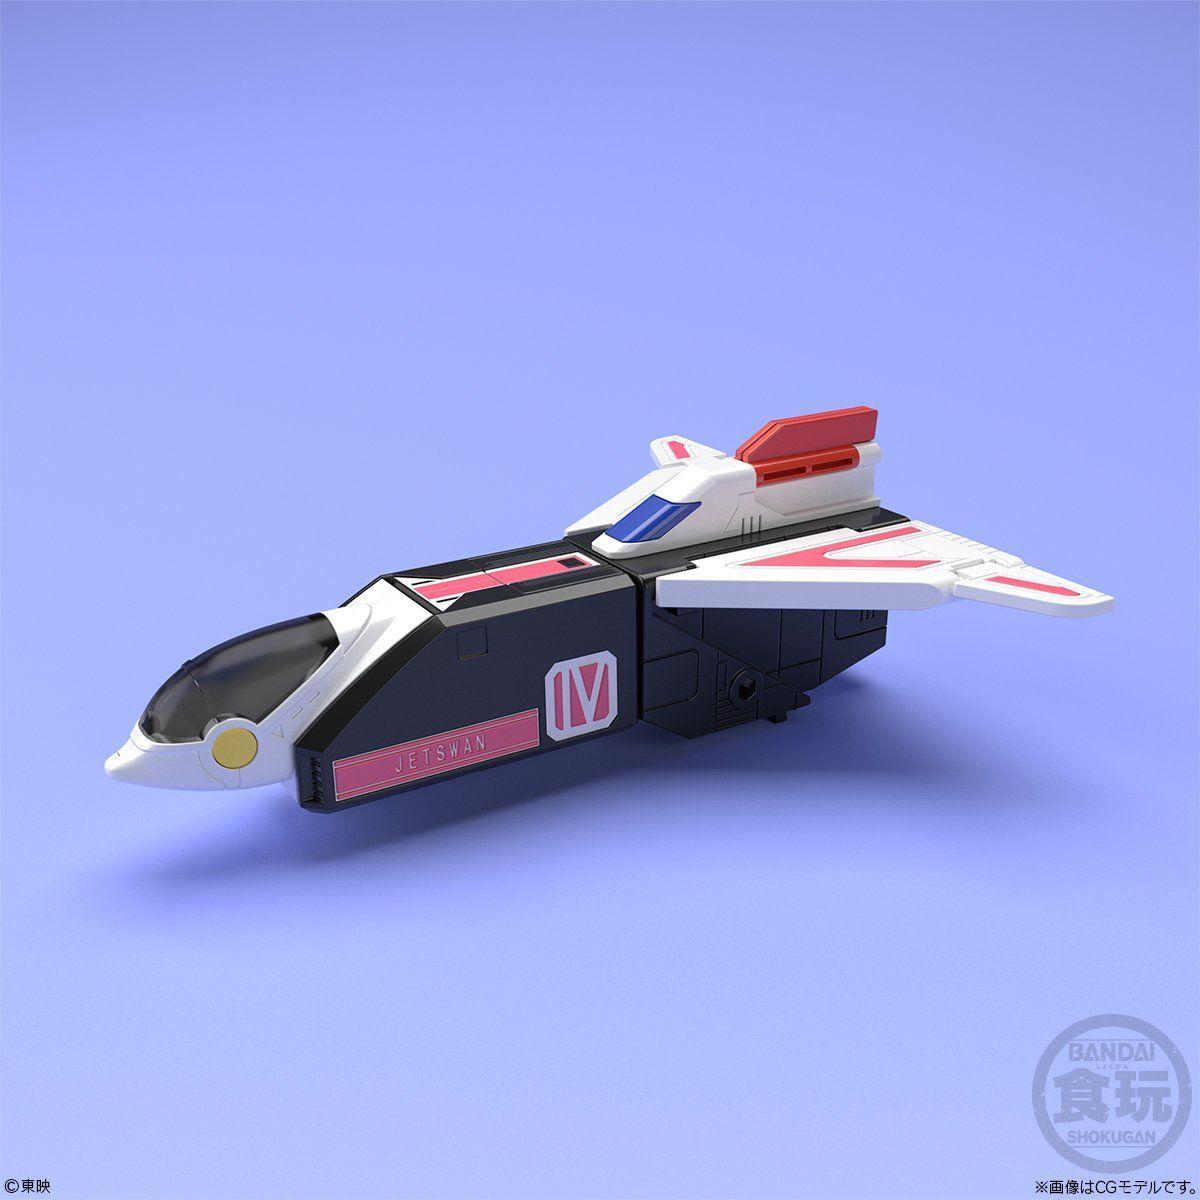 【食玩】スーパーミニプラ『天空合体 ジェットイカロス』鳥人戦隊ジェットマン プラモデル 5個入りBOX-005